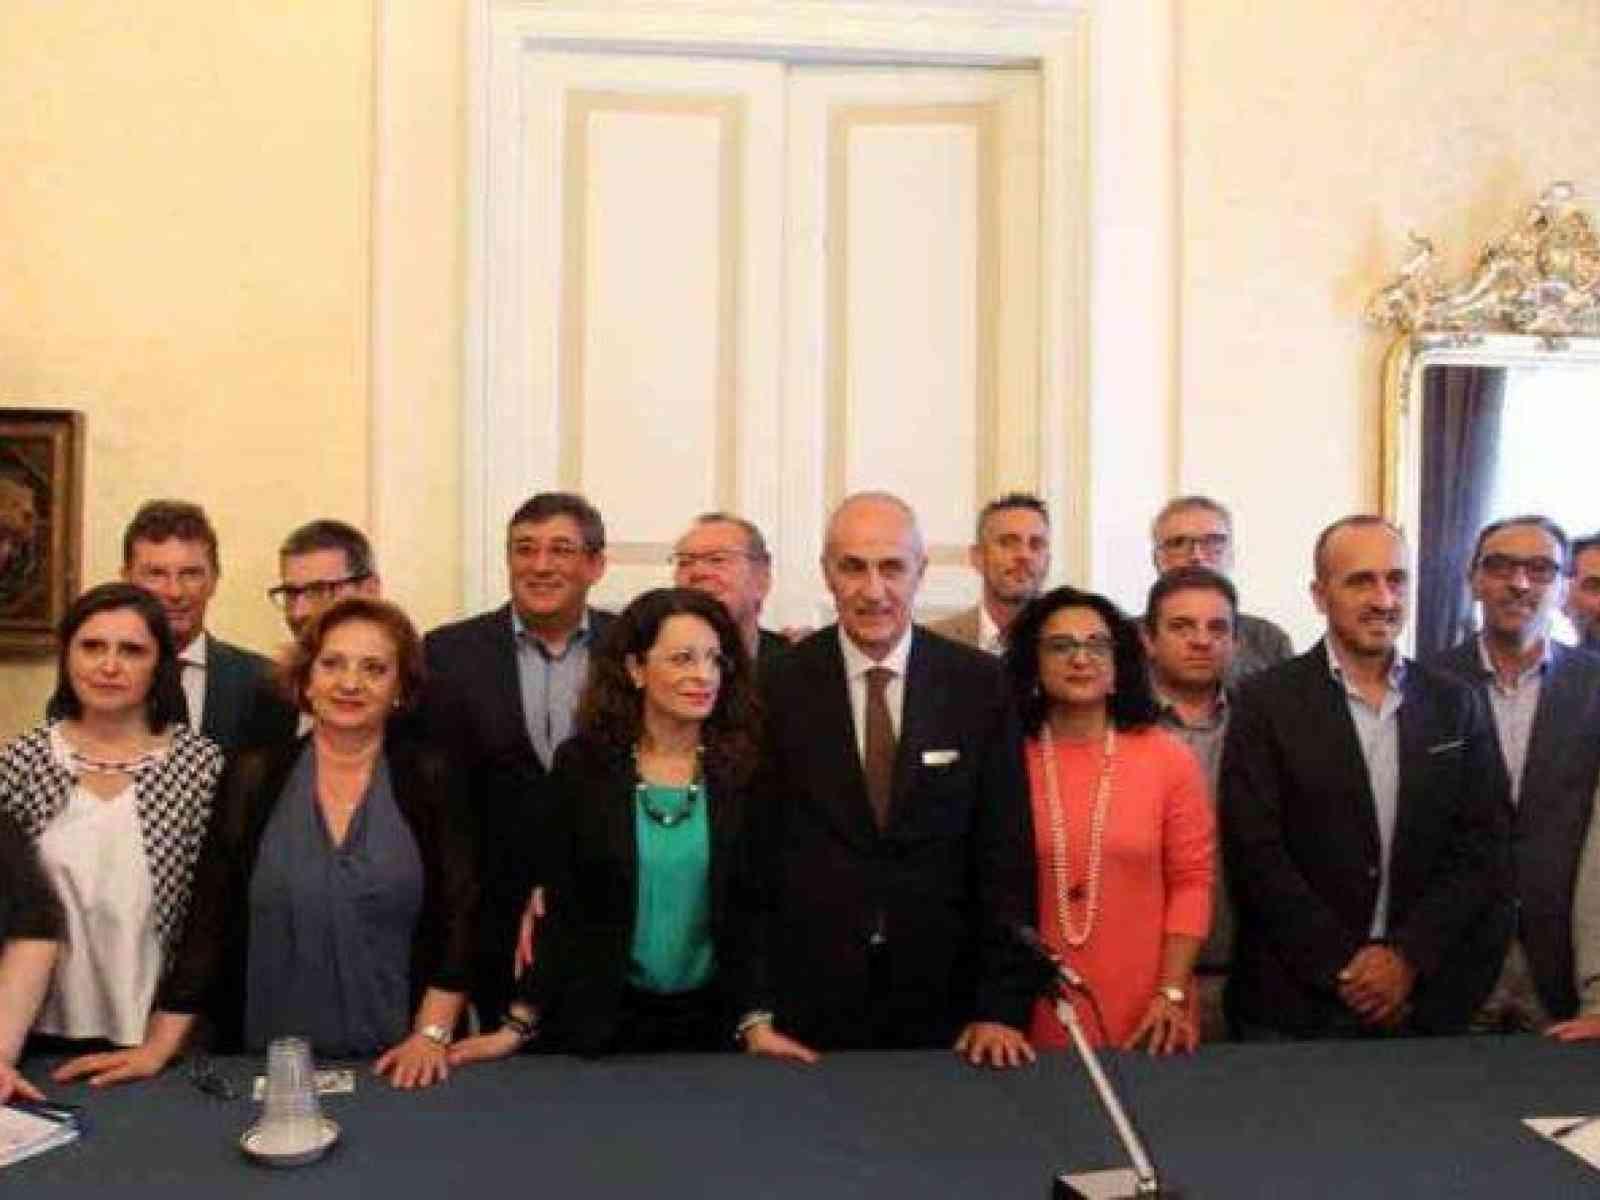 """Immagine articolo: """"Patto Sicurezza Urbana"""" siglato in prefettura da 20 sindaci dell'Agrigentino: sarà potenziata rete videosorveglianza."""